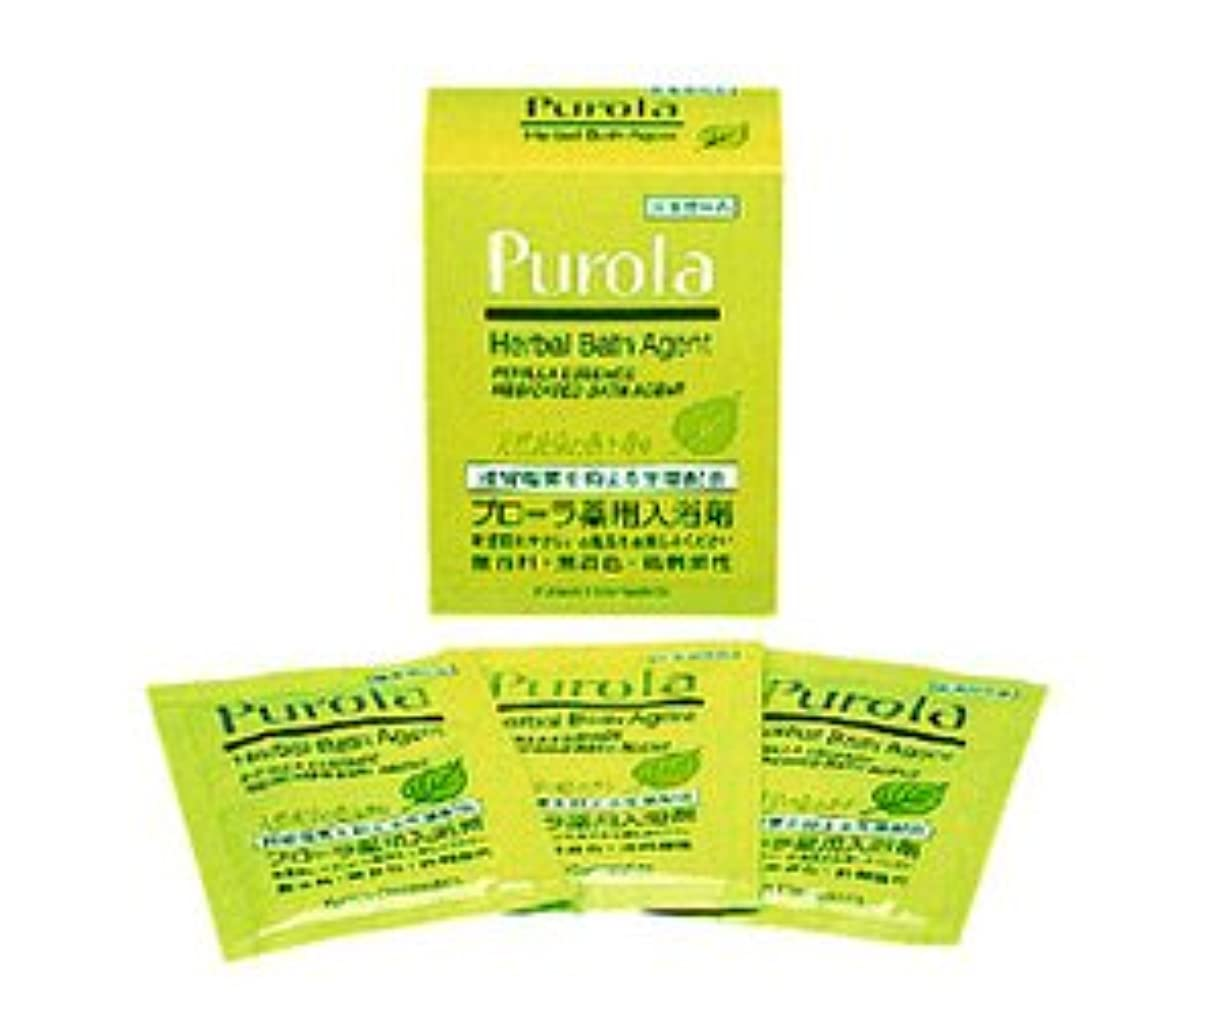 追放する文庫本サイトラインプローラ薬用入浴剤 25g×10包 低刺激性入浴剤